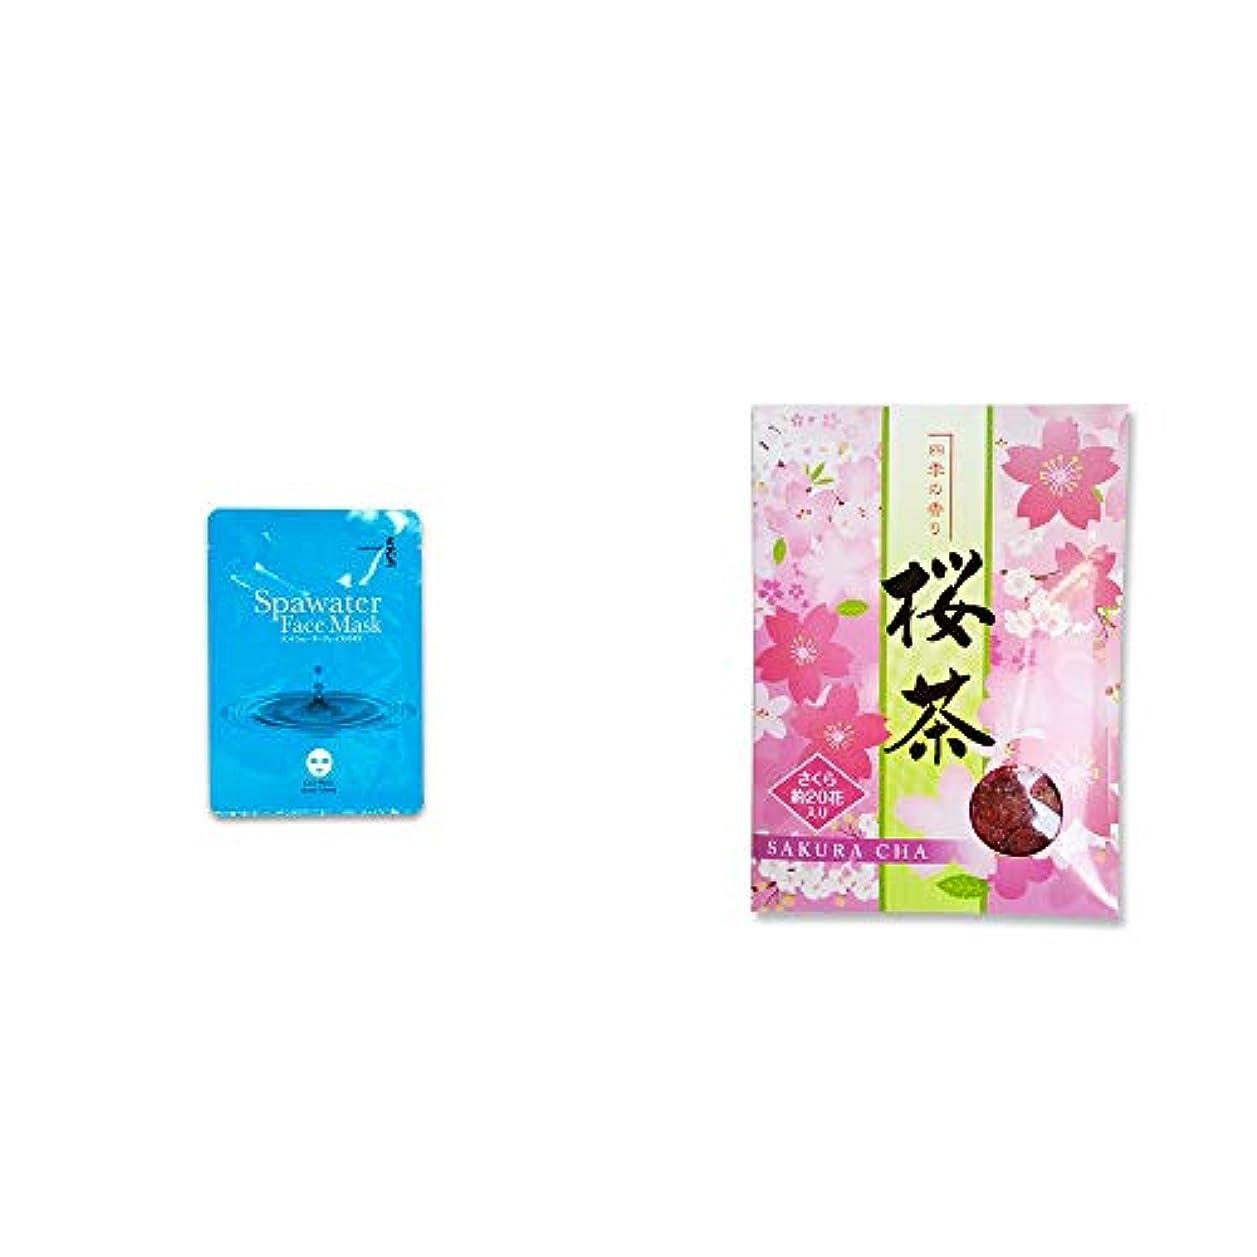 積分電池ゲートウェイ[2点セット] ひのき炭黒泉 スパウォーターフェイスマスク(18ml×3枚入)?桜茶(40g)